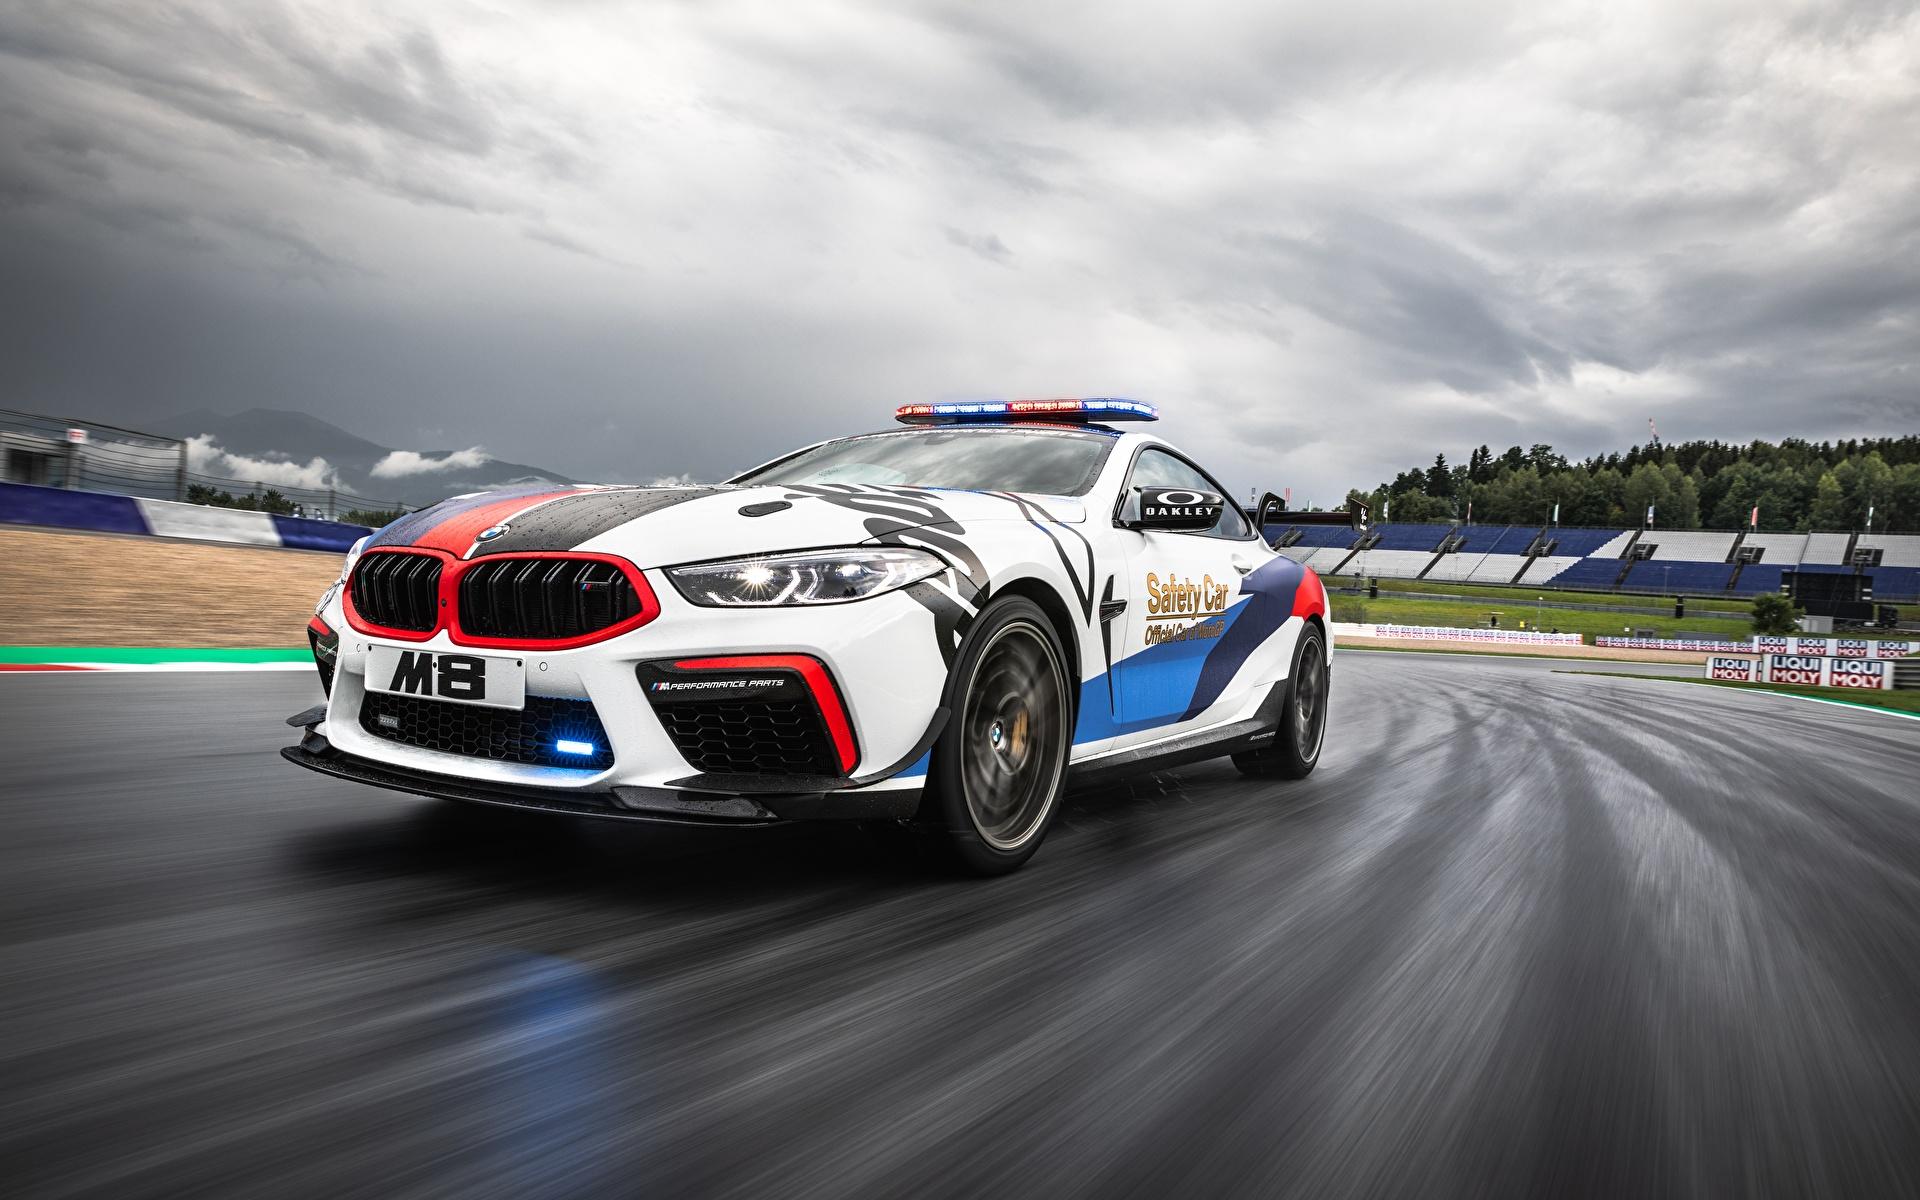 Картинка БМВ Тюнинг MotoGP M8 F92 Движение Автомобили 1920x1200 BMW Стайлинг едет едущий едущая скорость авто машина машины автомобиль